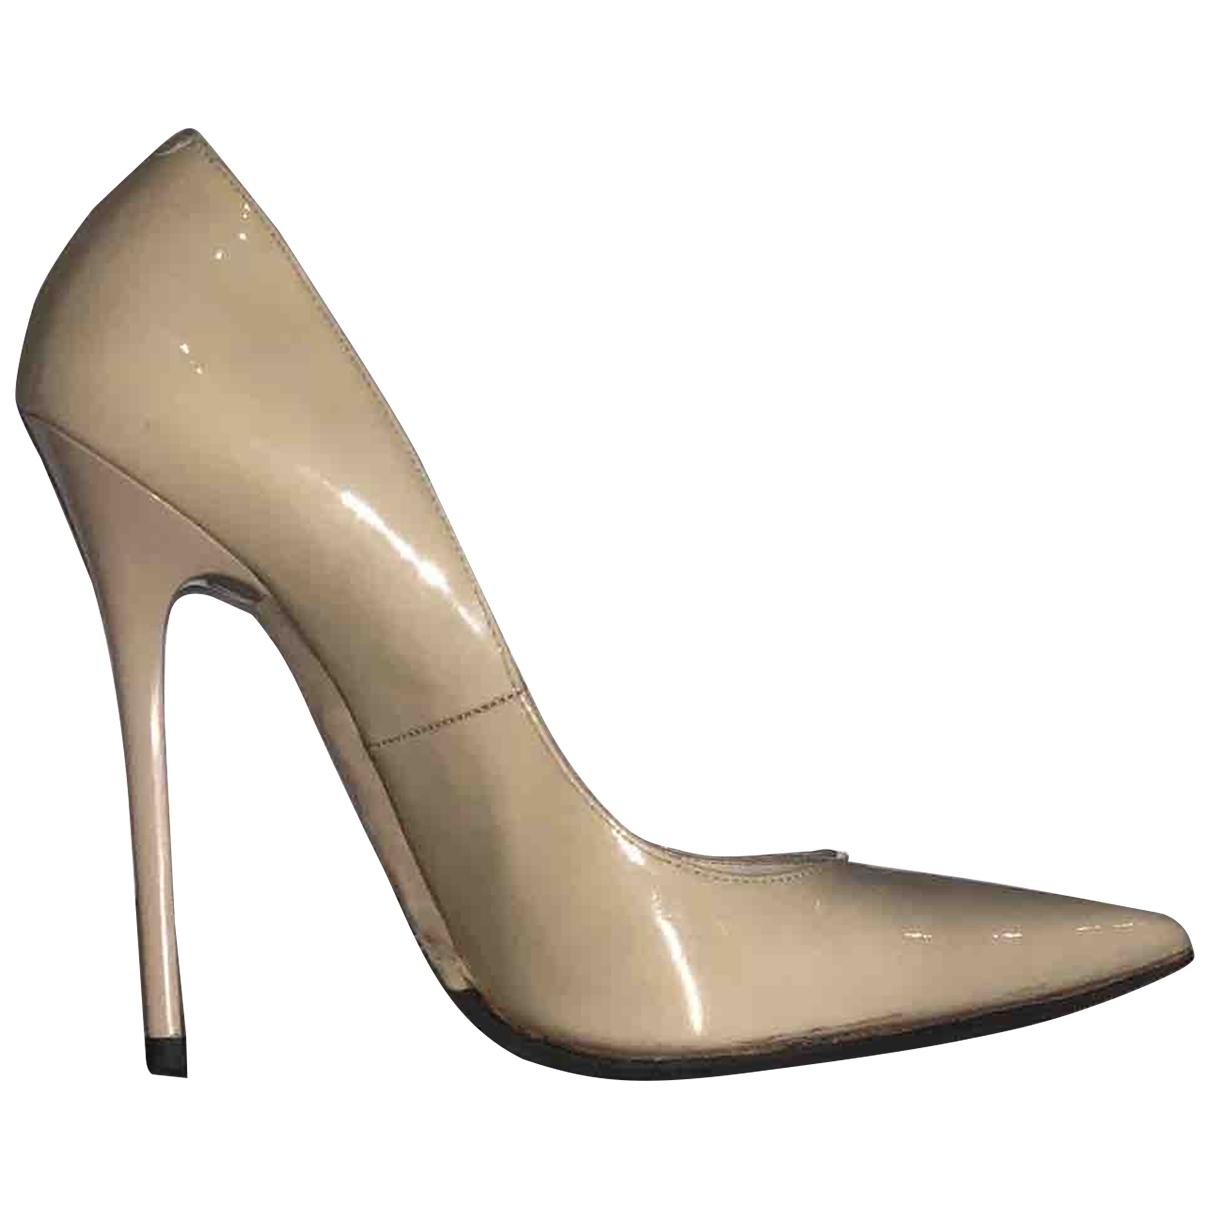 Jimmy Choo Anouk Beige Leather Heels for Women 36.5 EU